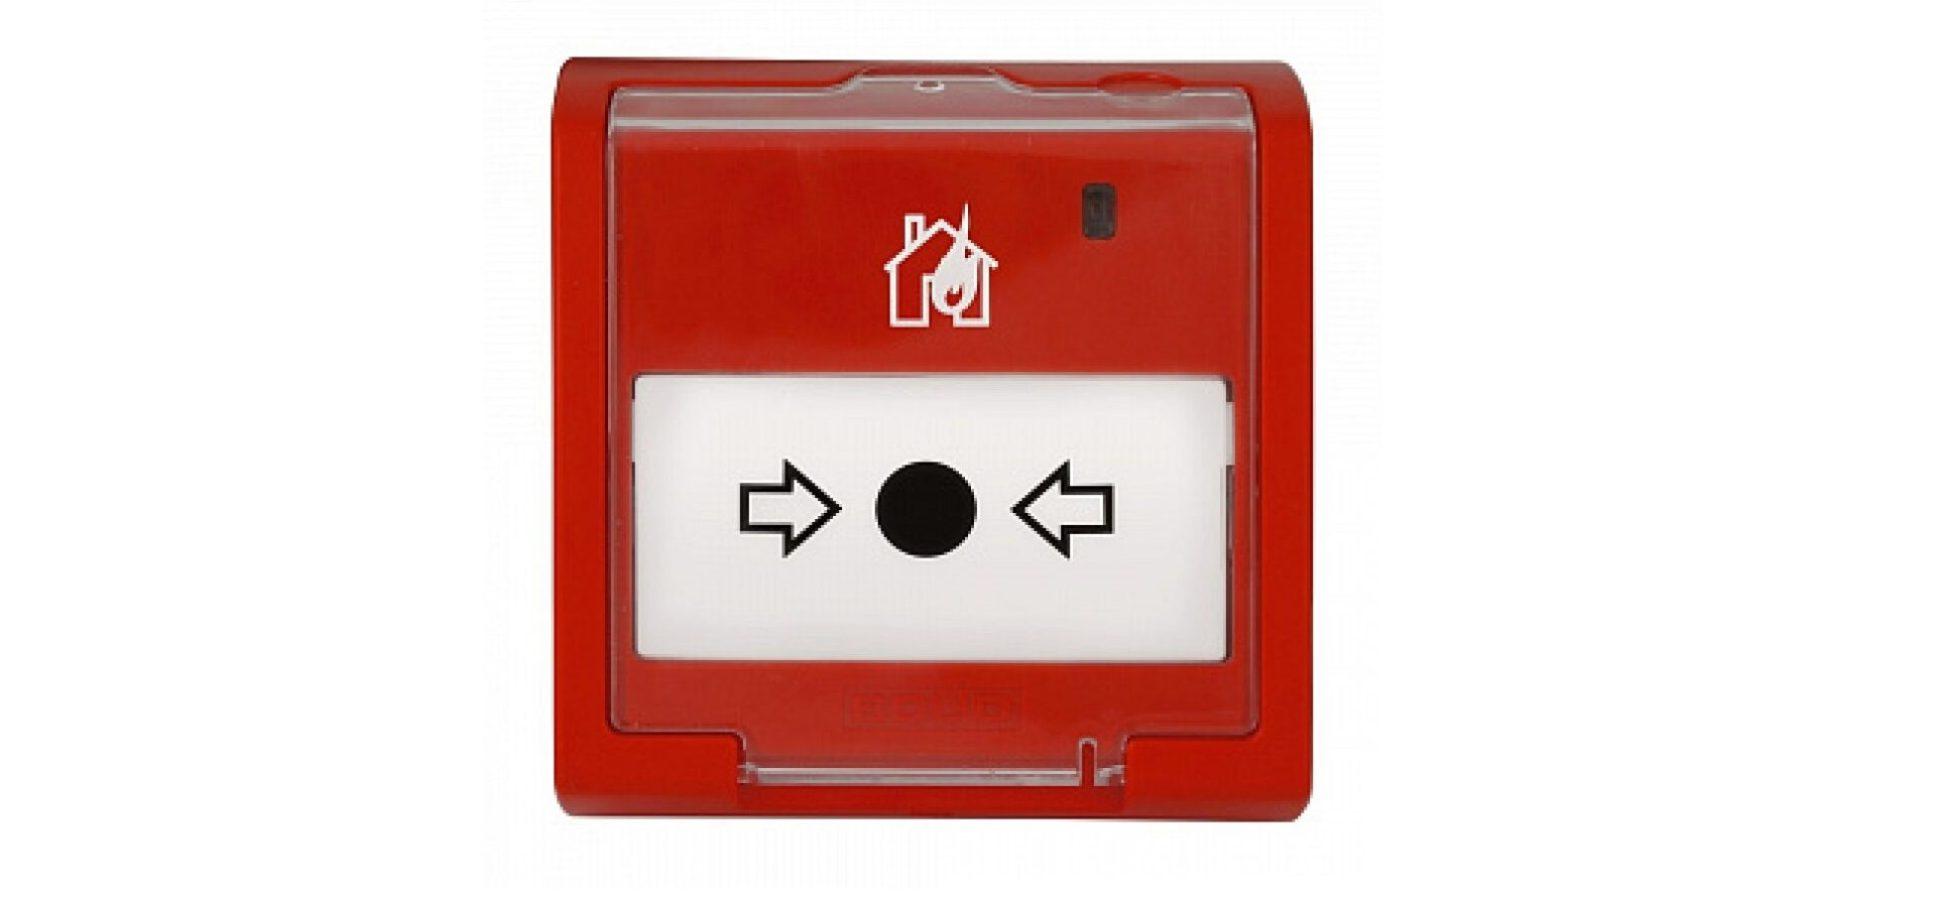 Извещатель пожарный тепловой, виды и исполнения